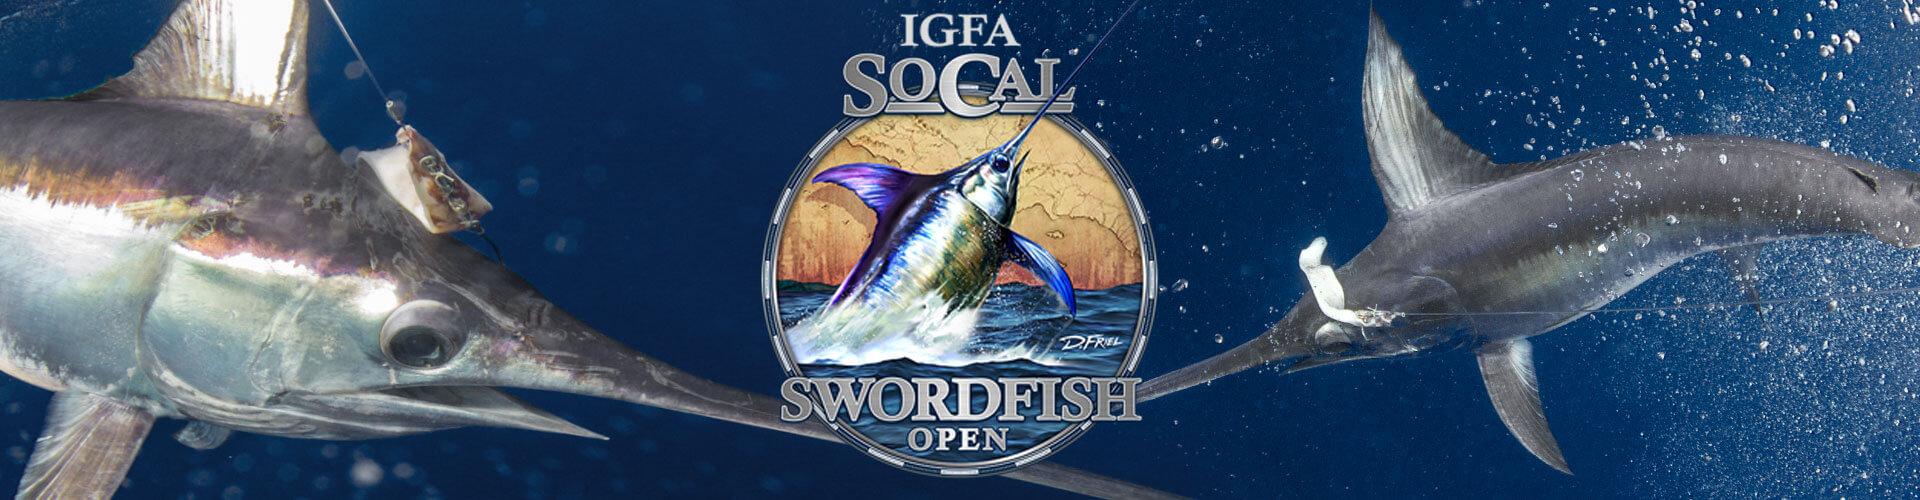 2021 IGFA SoCal Swordfish Open